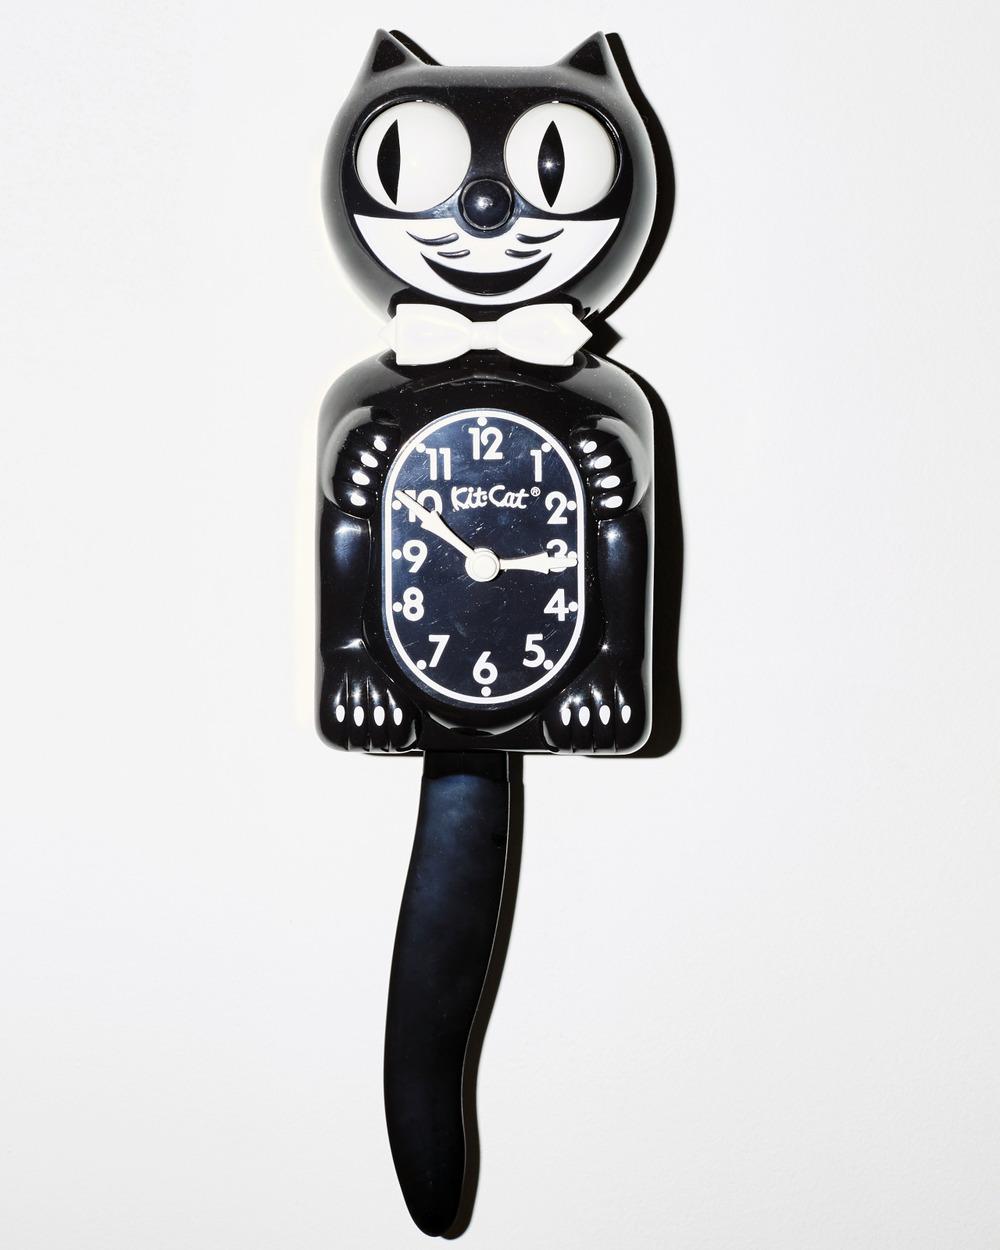 Kit Kat clock.